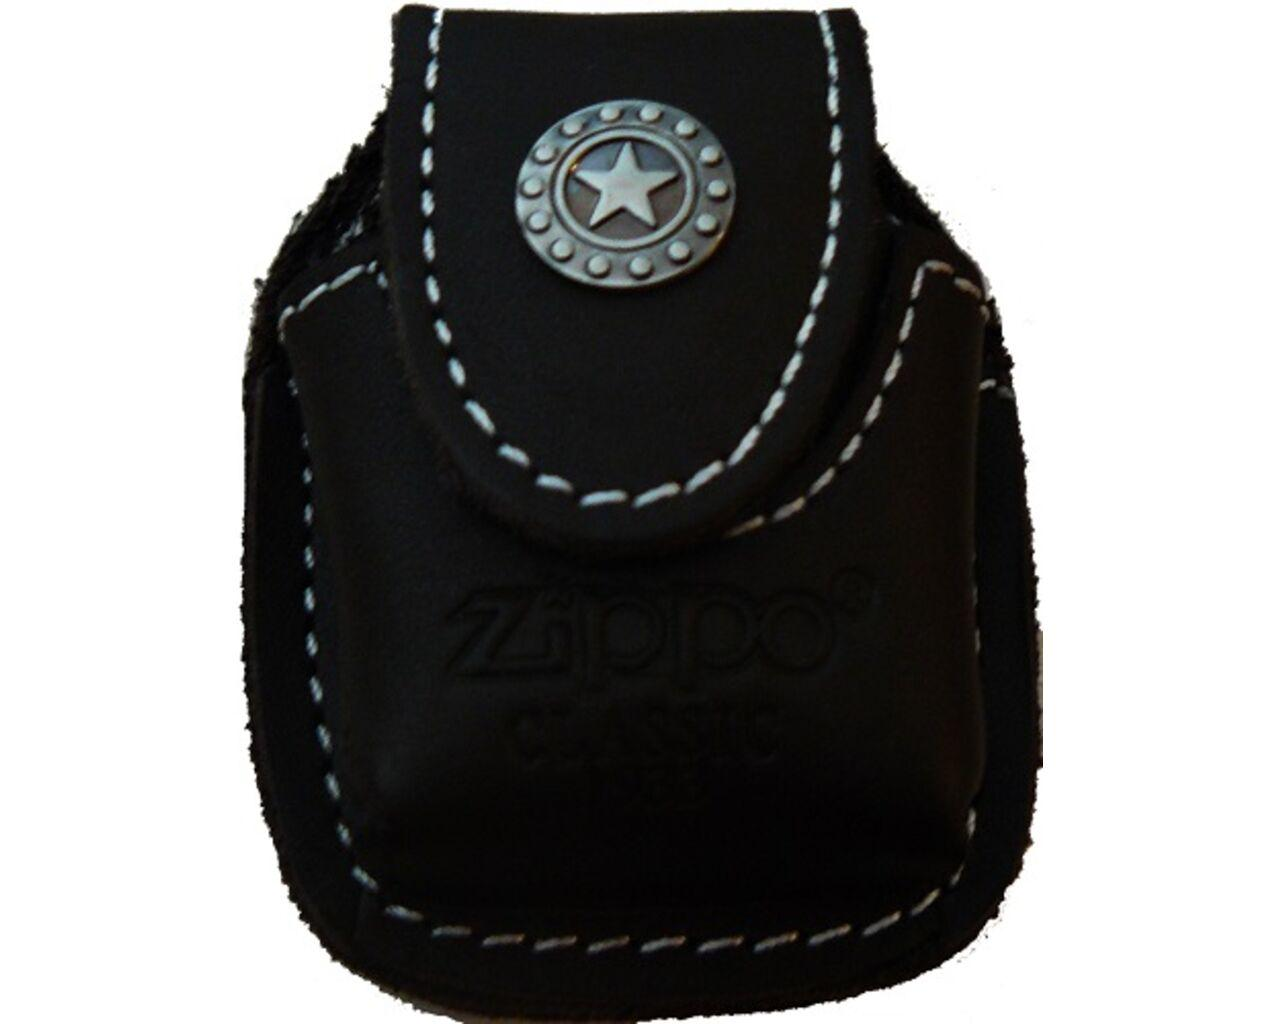 Кожаный чехол для зажигалки Zippo. Чехлы для зажигалок.